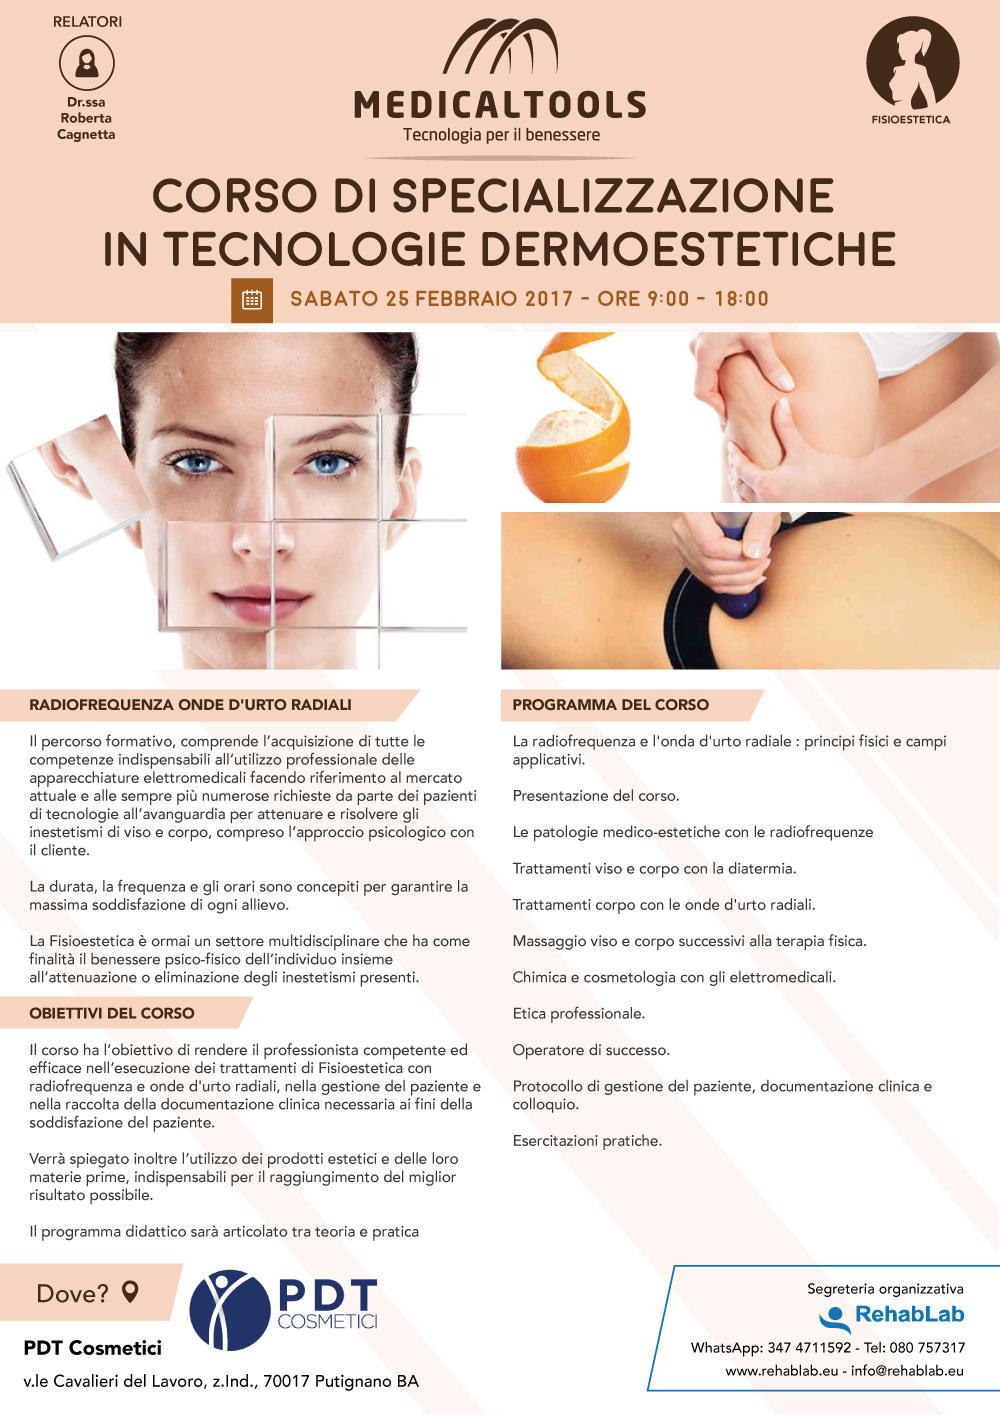 corso-specializzazione-in-tecnologie-dermoestetiche-bari-2017-def